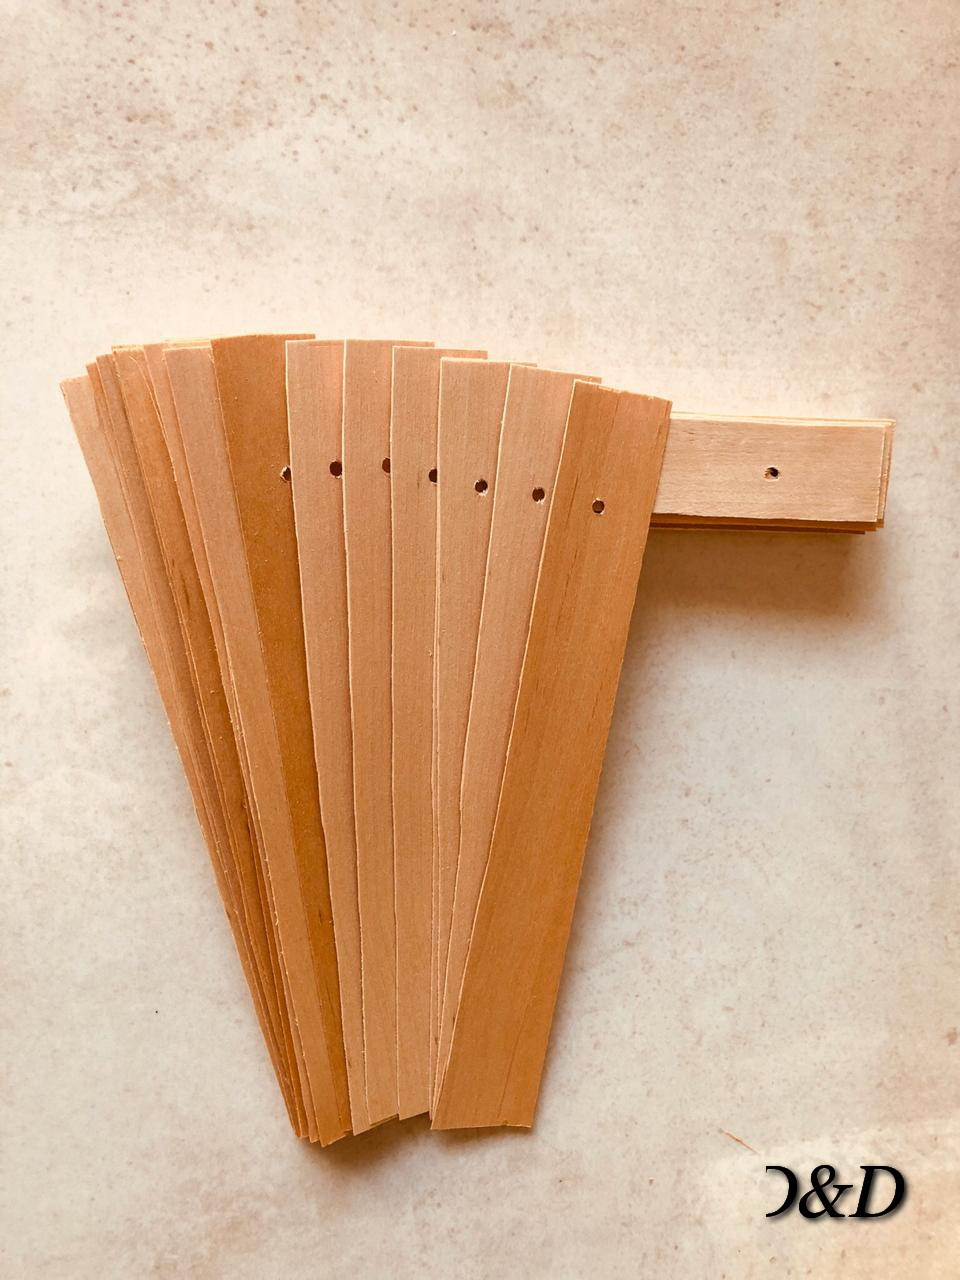 Материал из древесного шпона с отверстиями для крепления между рамками упаковка 50шт